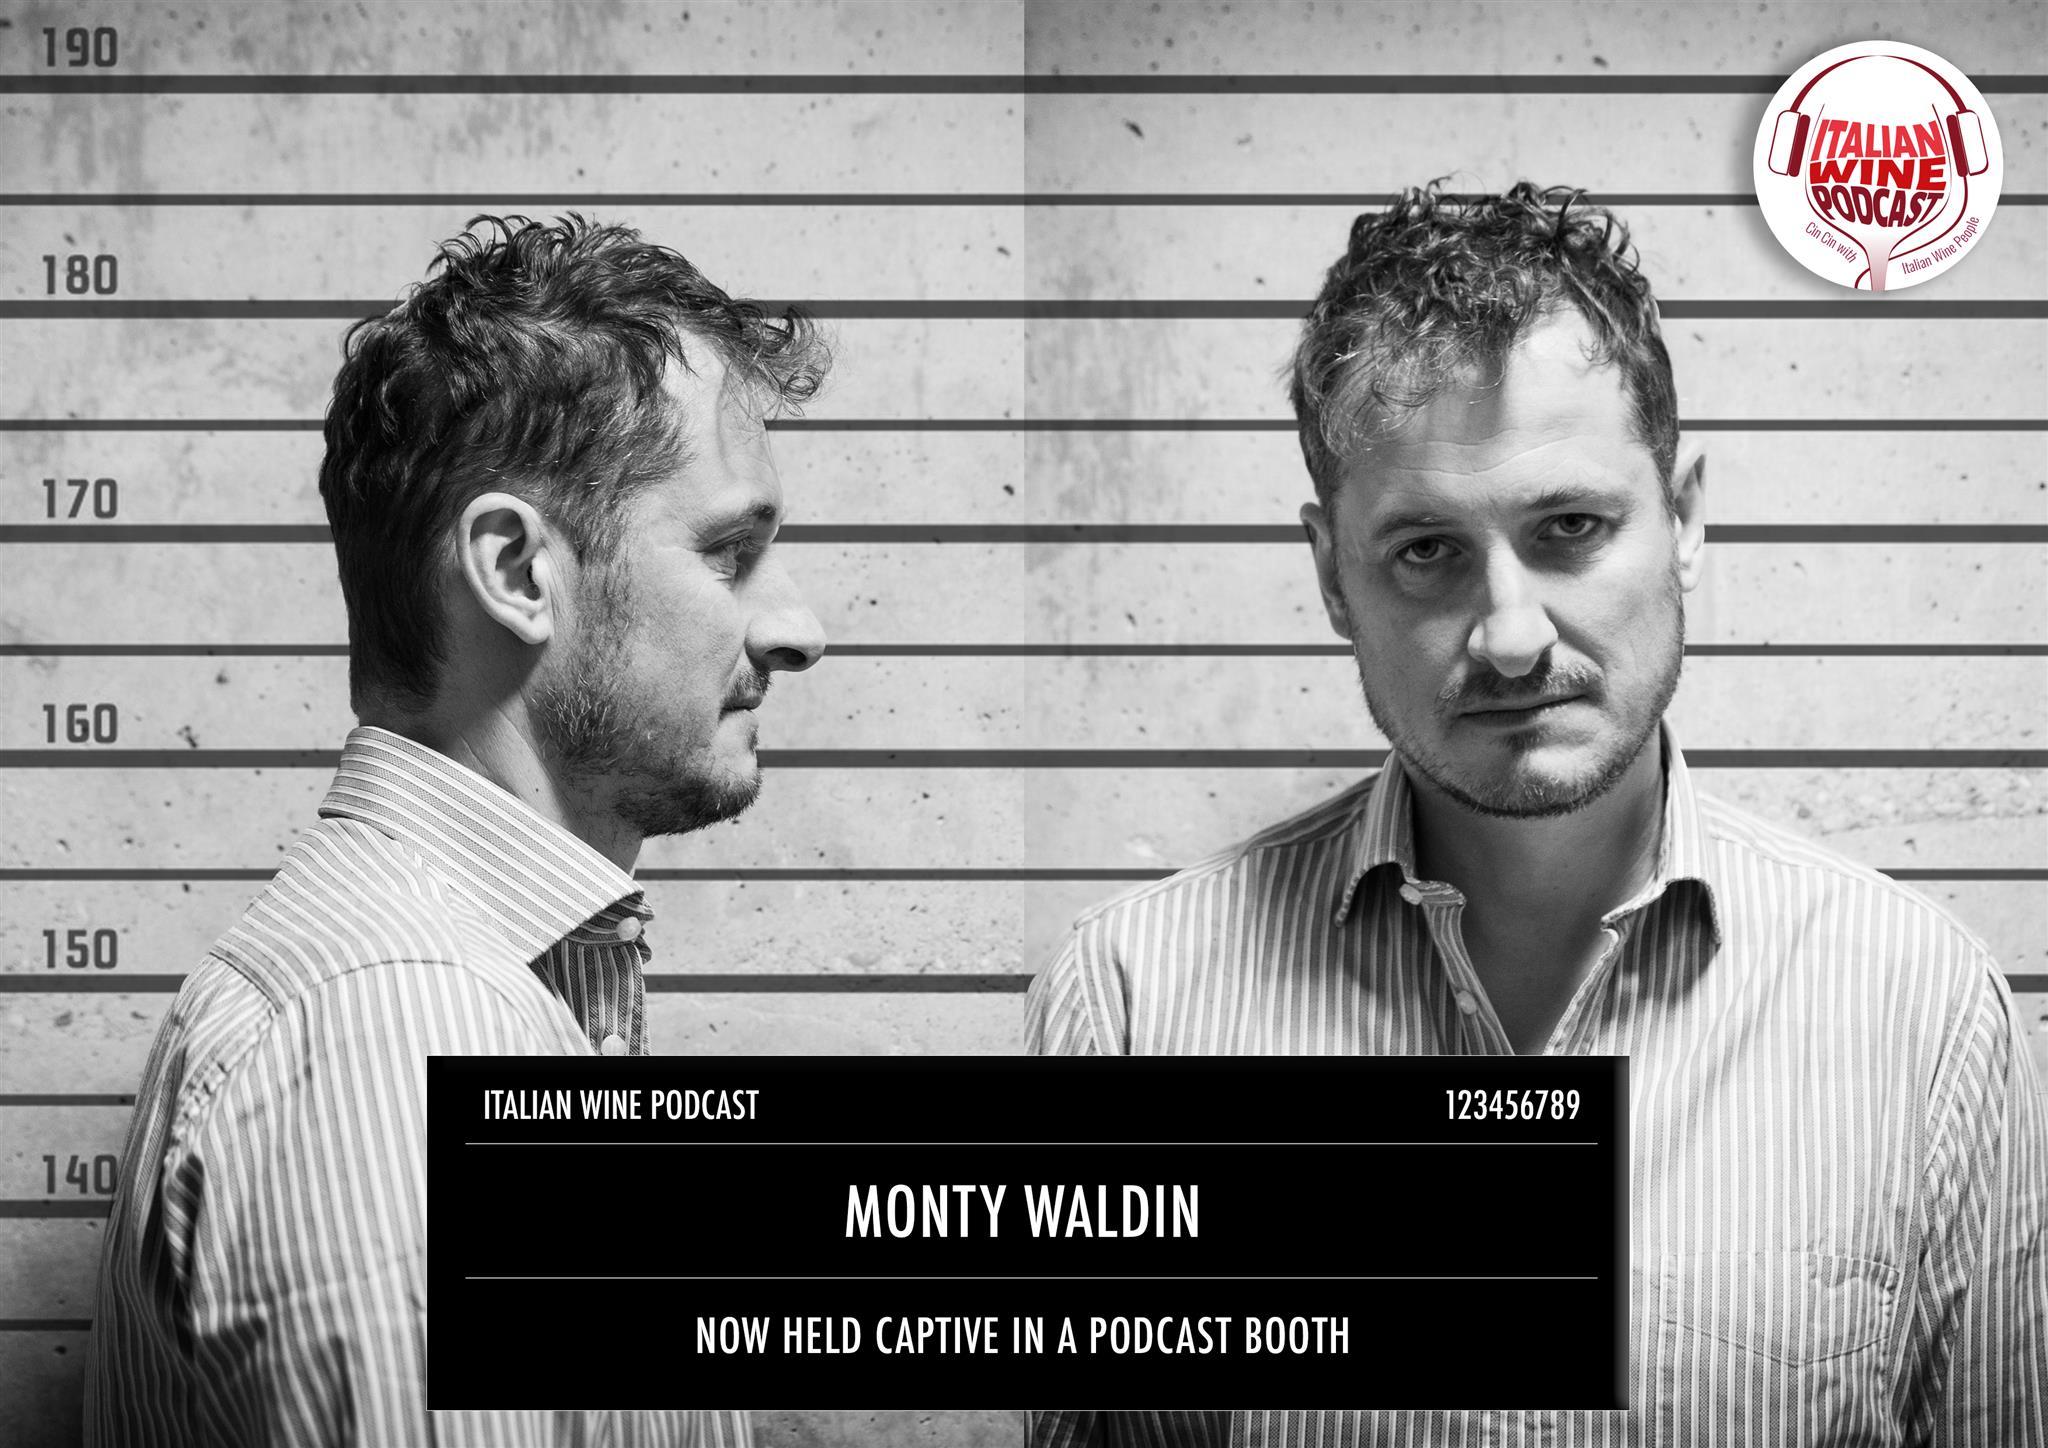 Italian Wine Podcast Host Monty Waldin